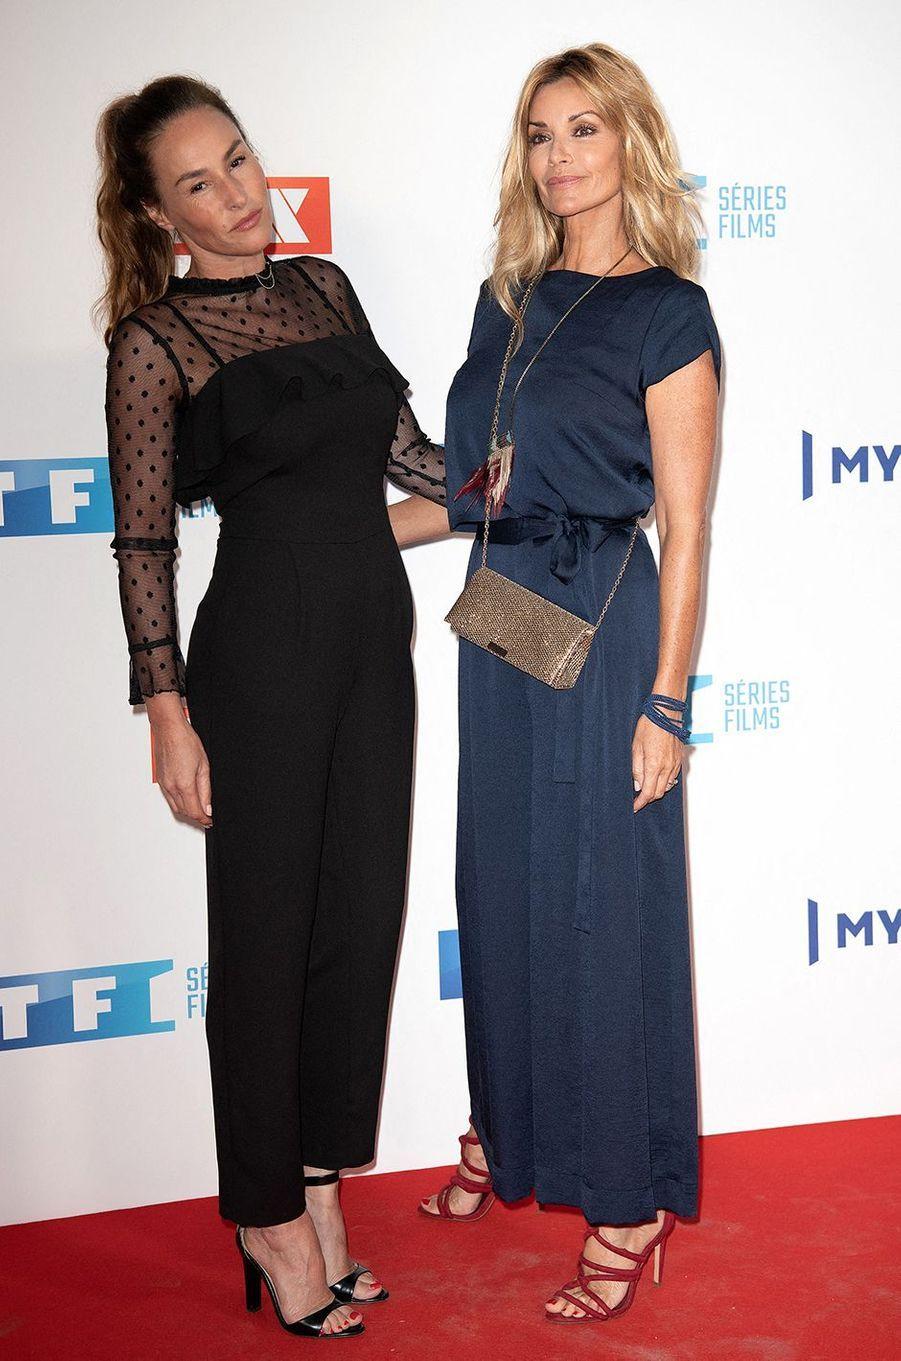 Vanessa Demouy et Ingrid Chauvin : les reines de «Demain nous appartient». «Il s'est passé quelque chose de spécial avec Ingrid. Non seulement on a adoré travailler ensemble, mais on a aussi jeté les bases d'une solide amitié», confiait la première à «Télé Star» en février 2020.